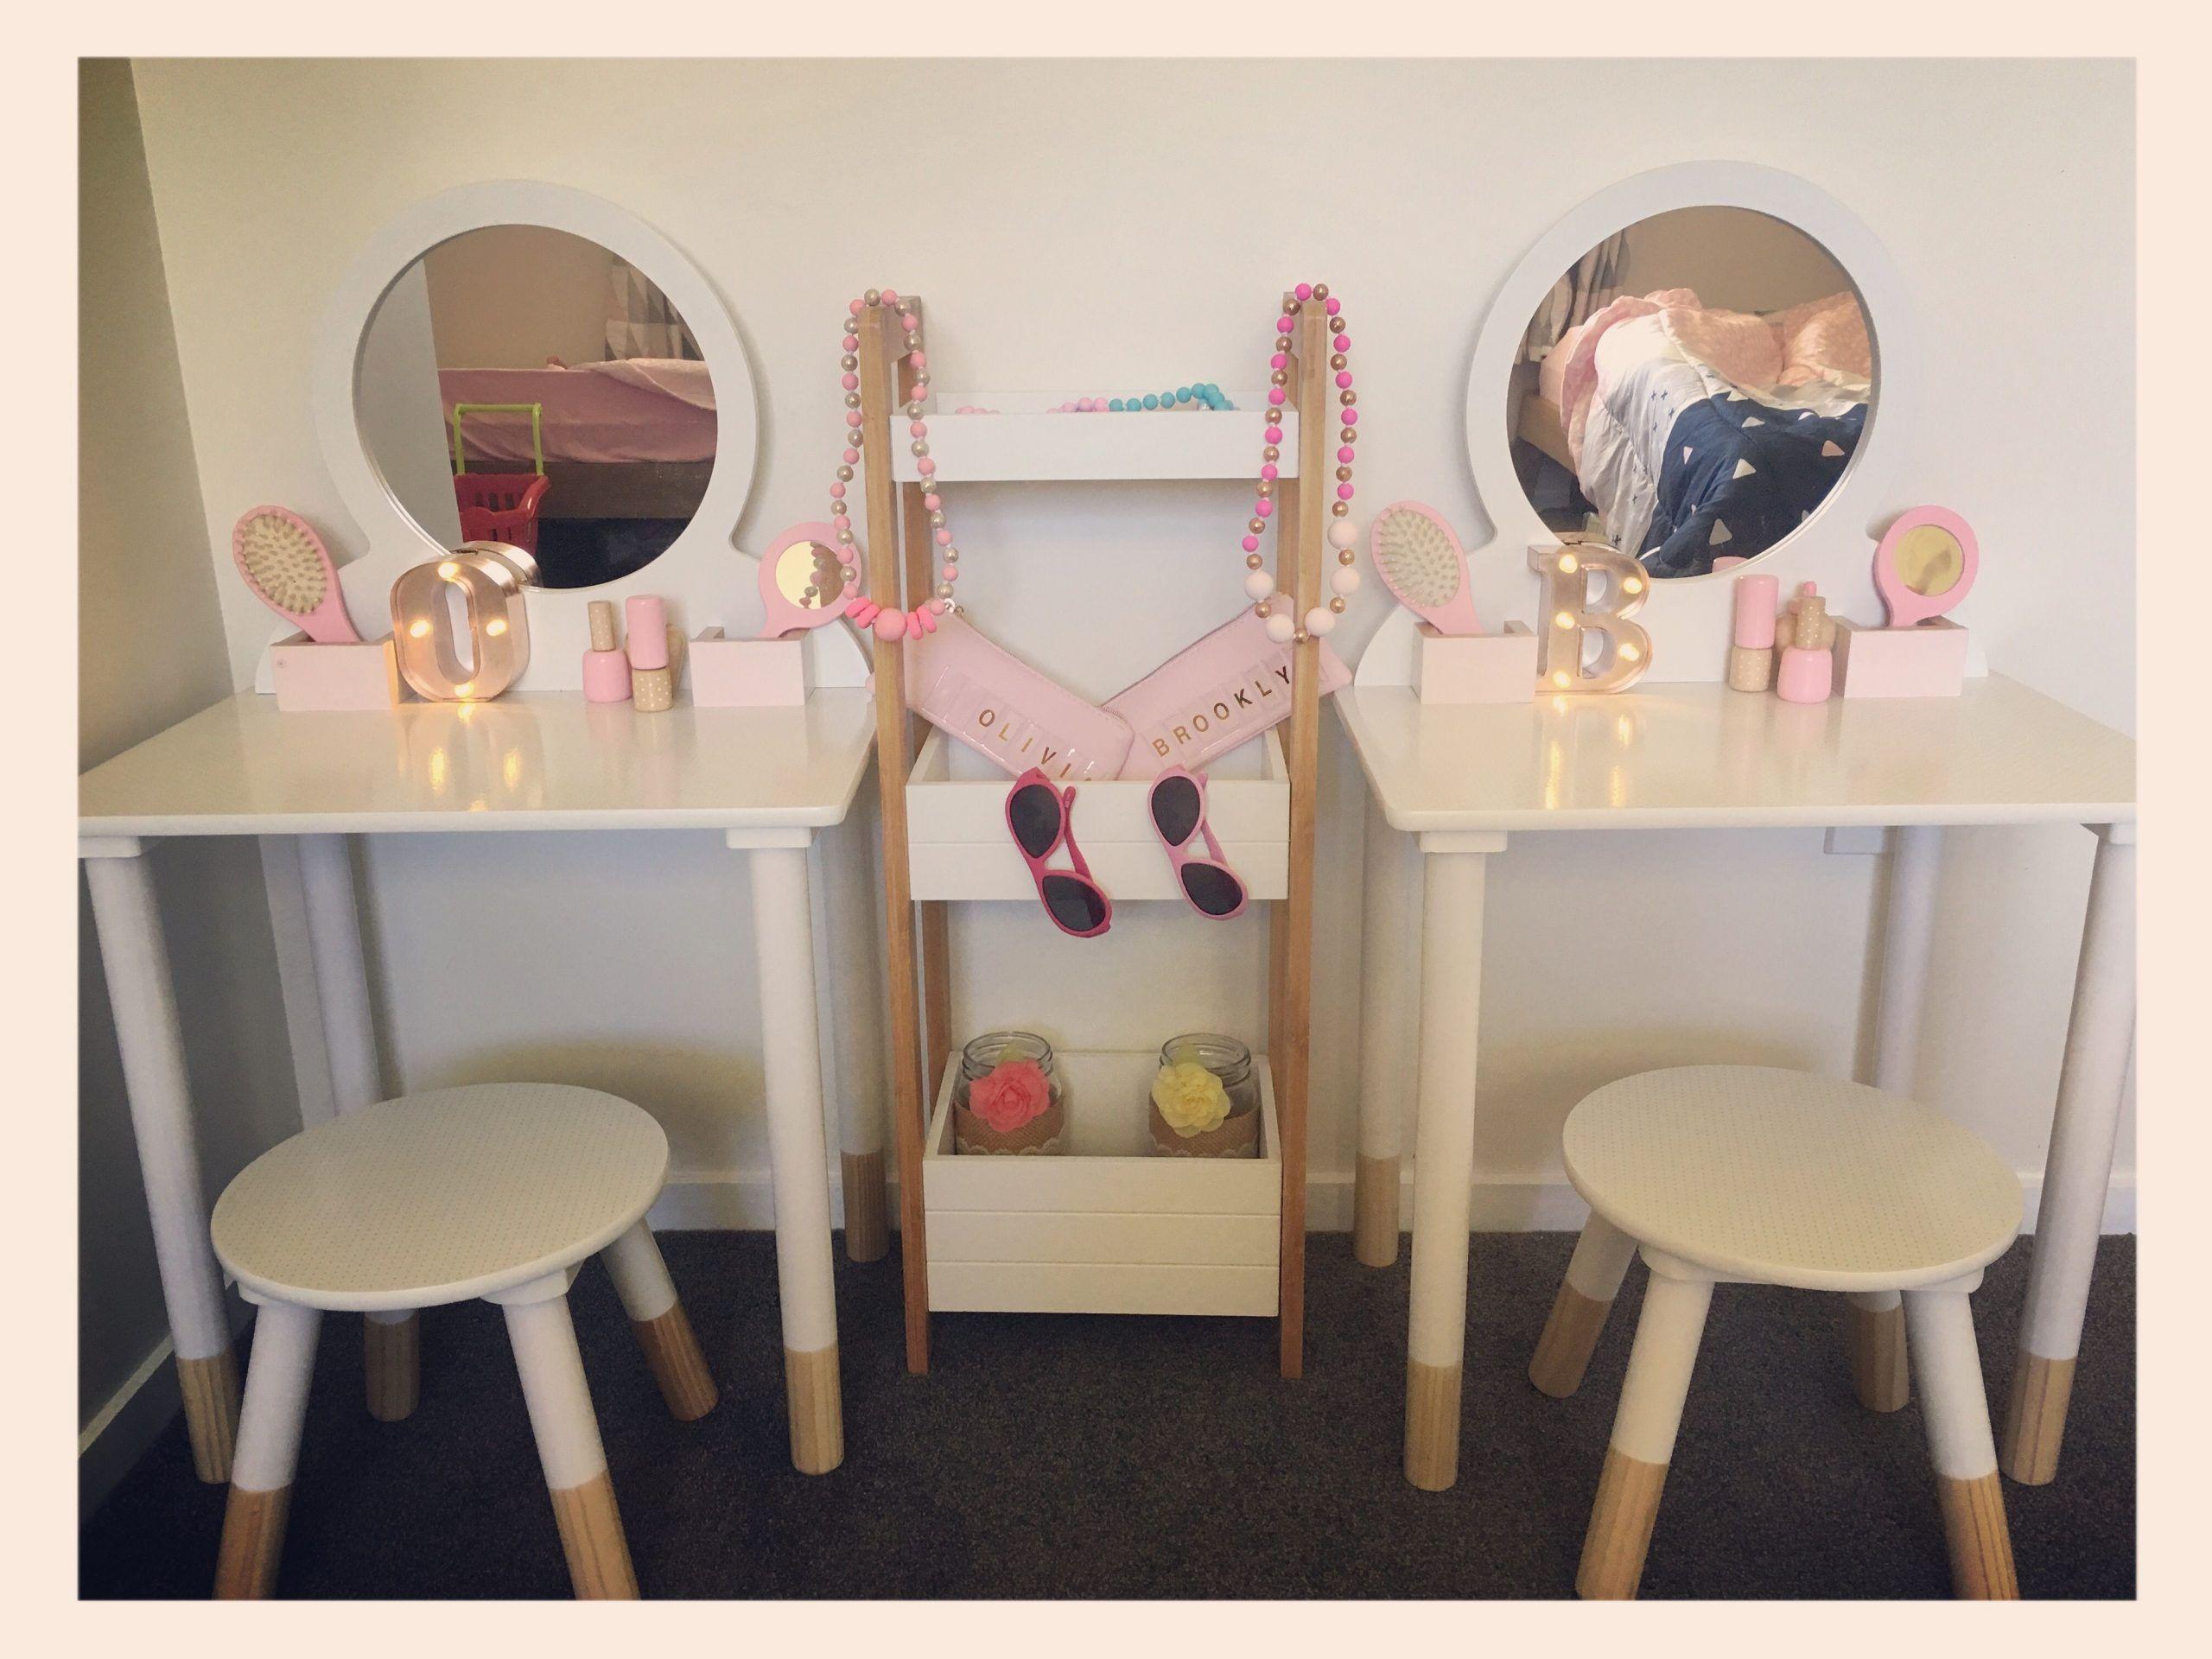 Kmart Kids Vanity Kmart Shower Caddy Kmarthacks Kmartkids Kmart Caddy Kids Kmart Kmarthacks Kmartkids Sh In 2020 Kids Vanity Girls Room Diy Diy Girls Bedroom